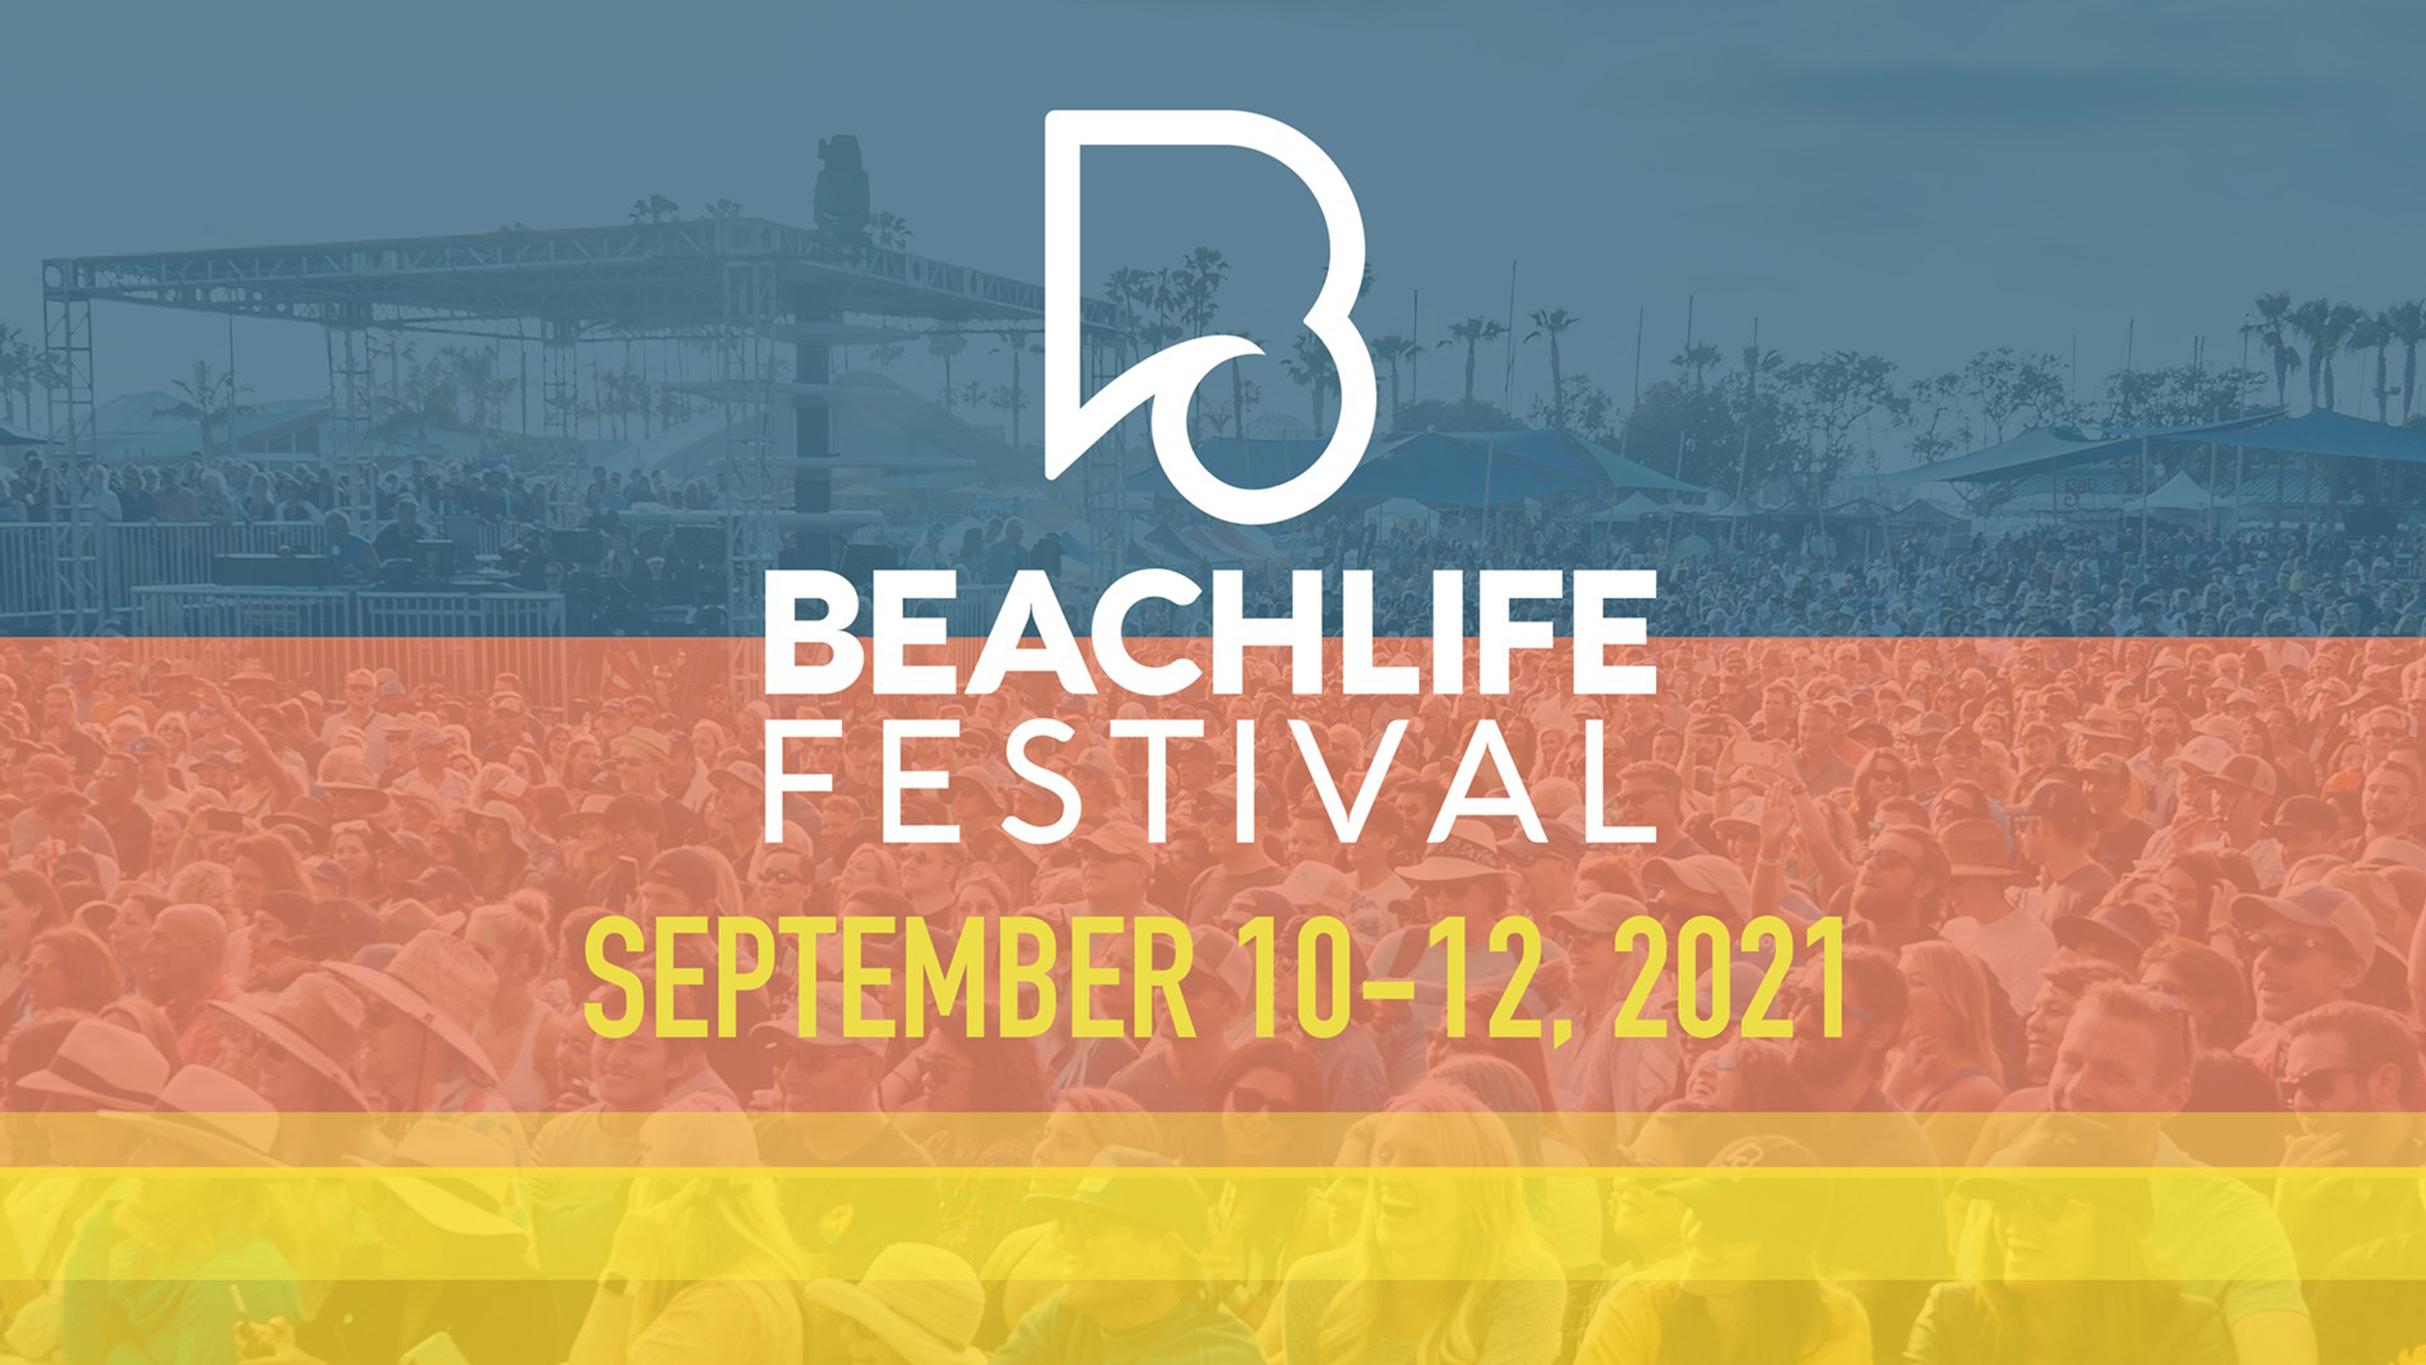 BEACHLIFE FESTIVAL REVIEW